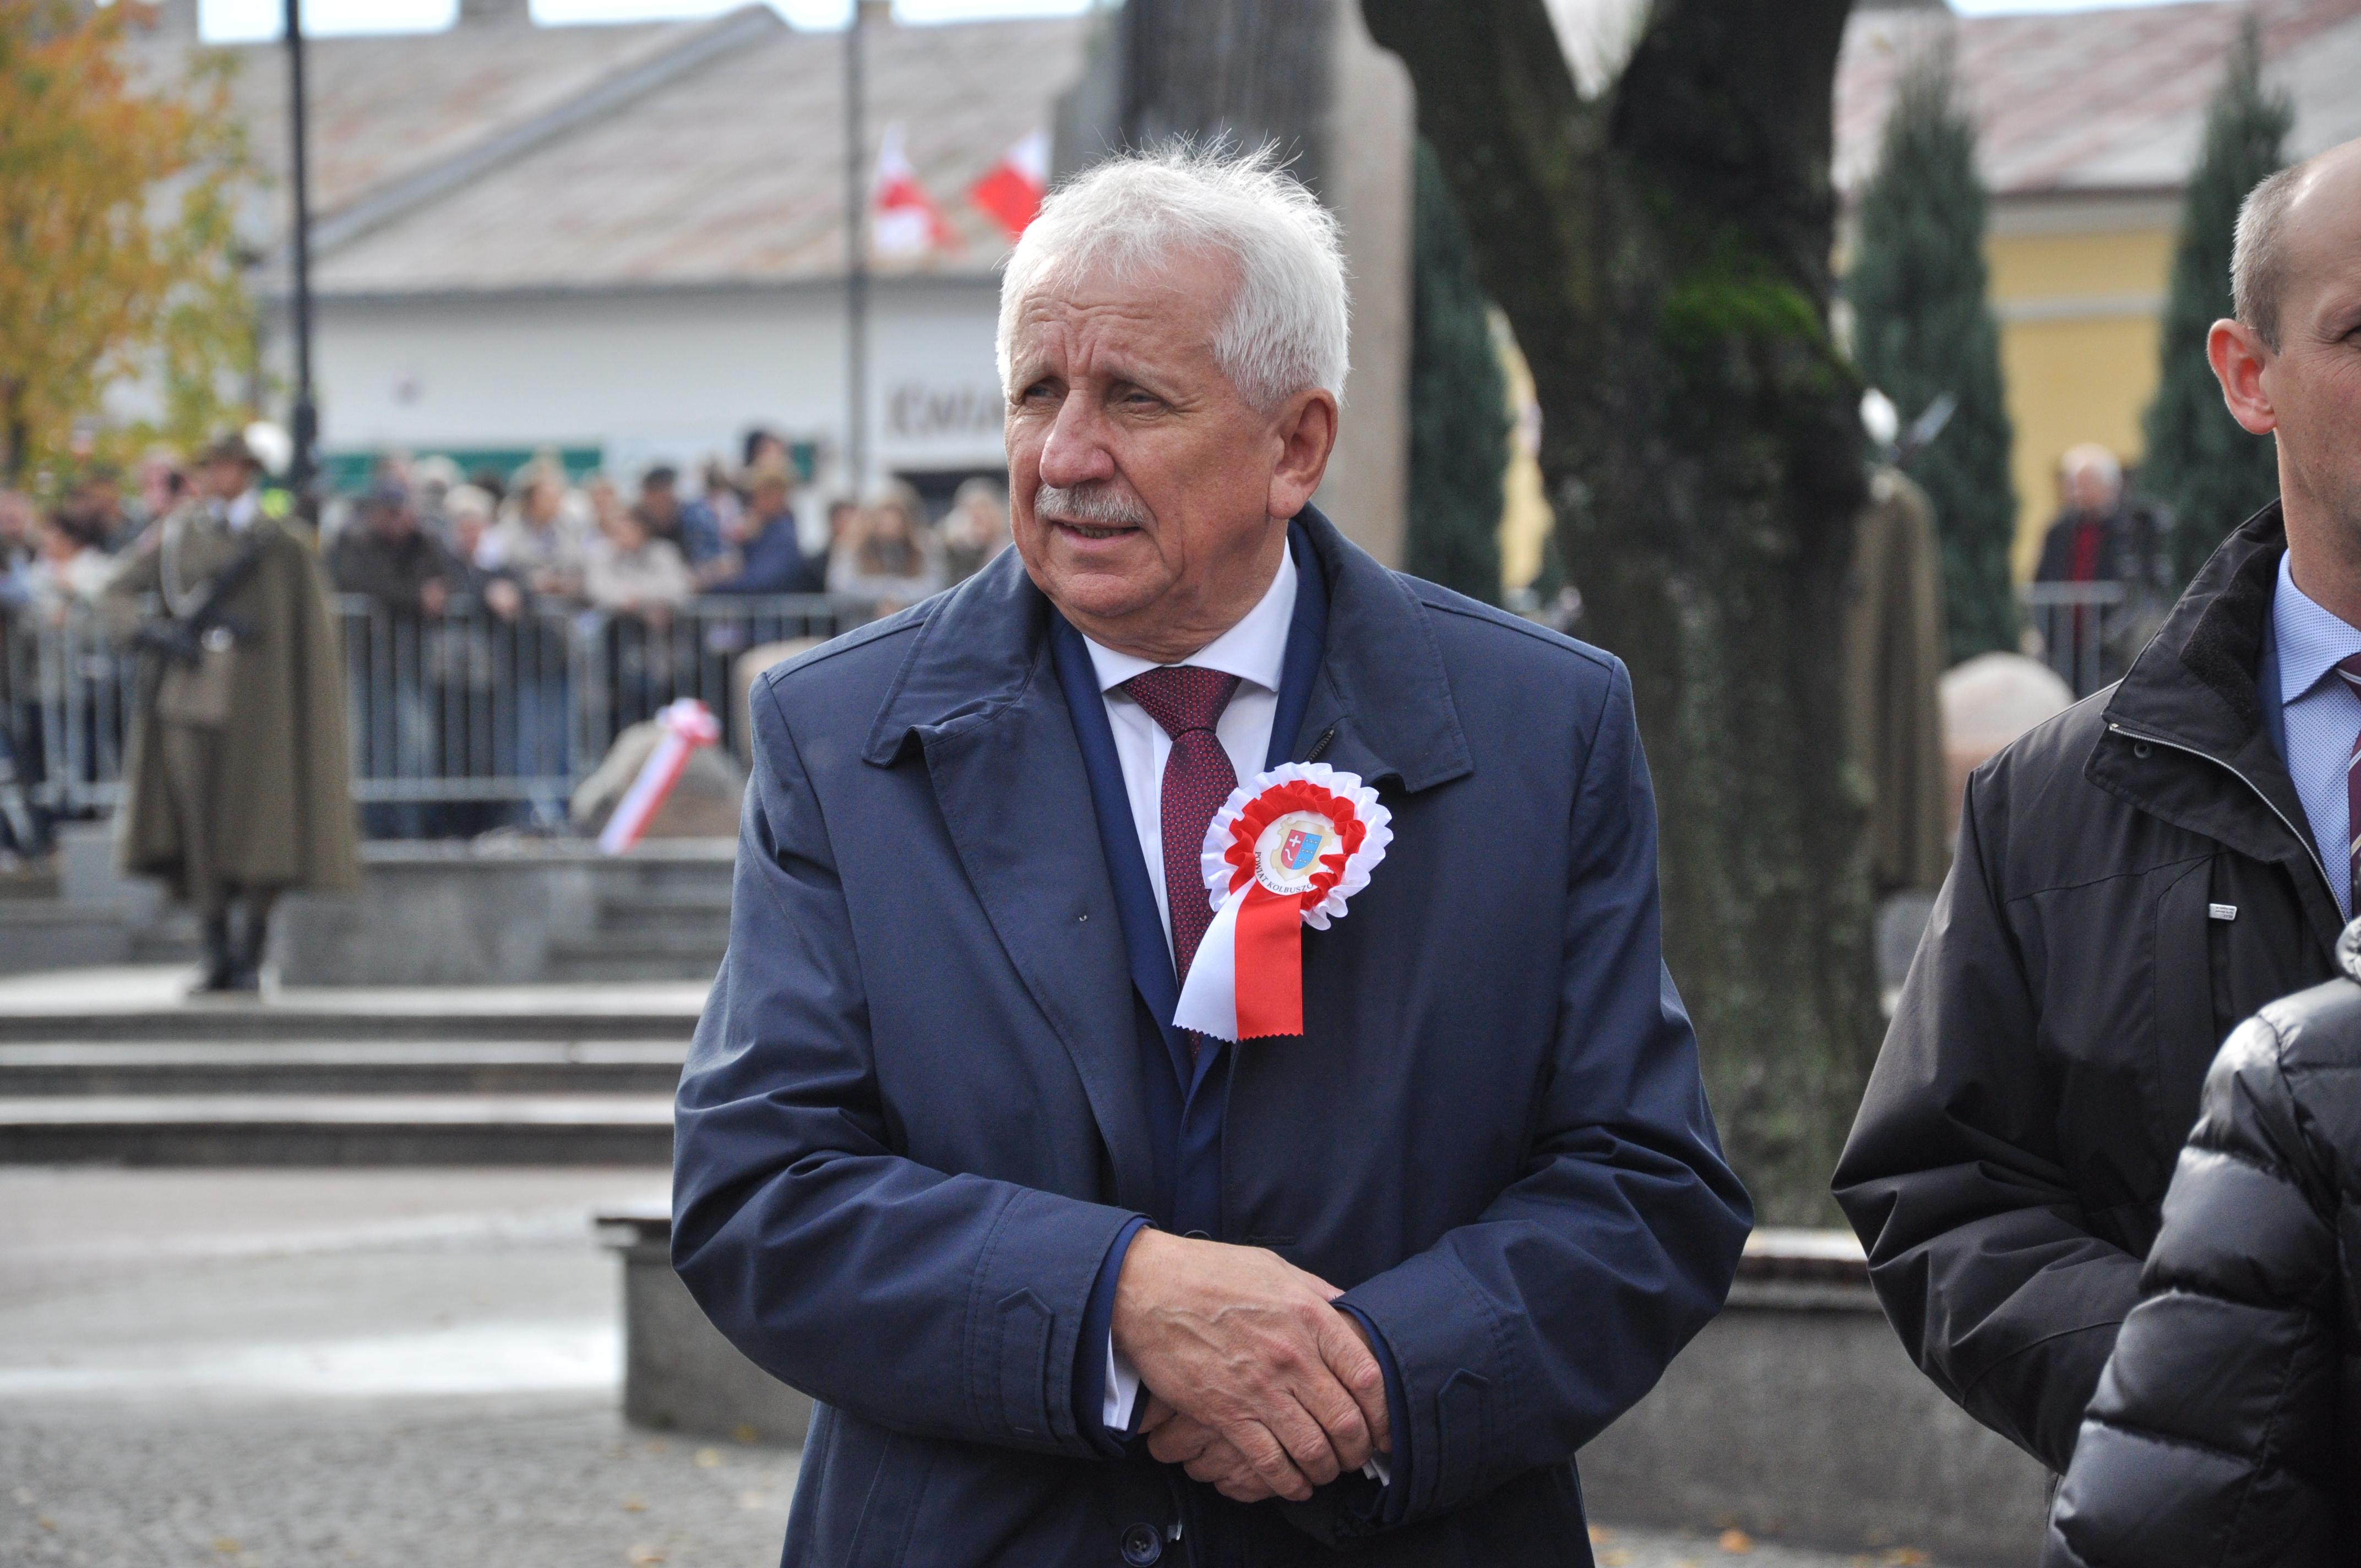 Jest decyzja rzeszowskiego zarządu PiS w sprawie Józefa Kardysia, starosty kolbuszowskiego  - Zdjęcie główne